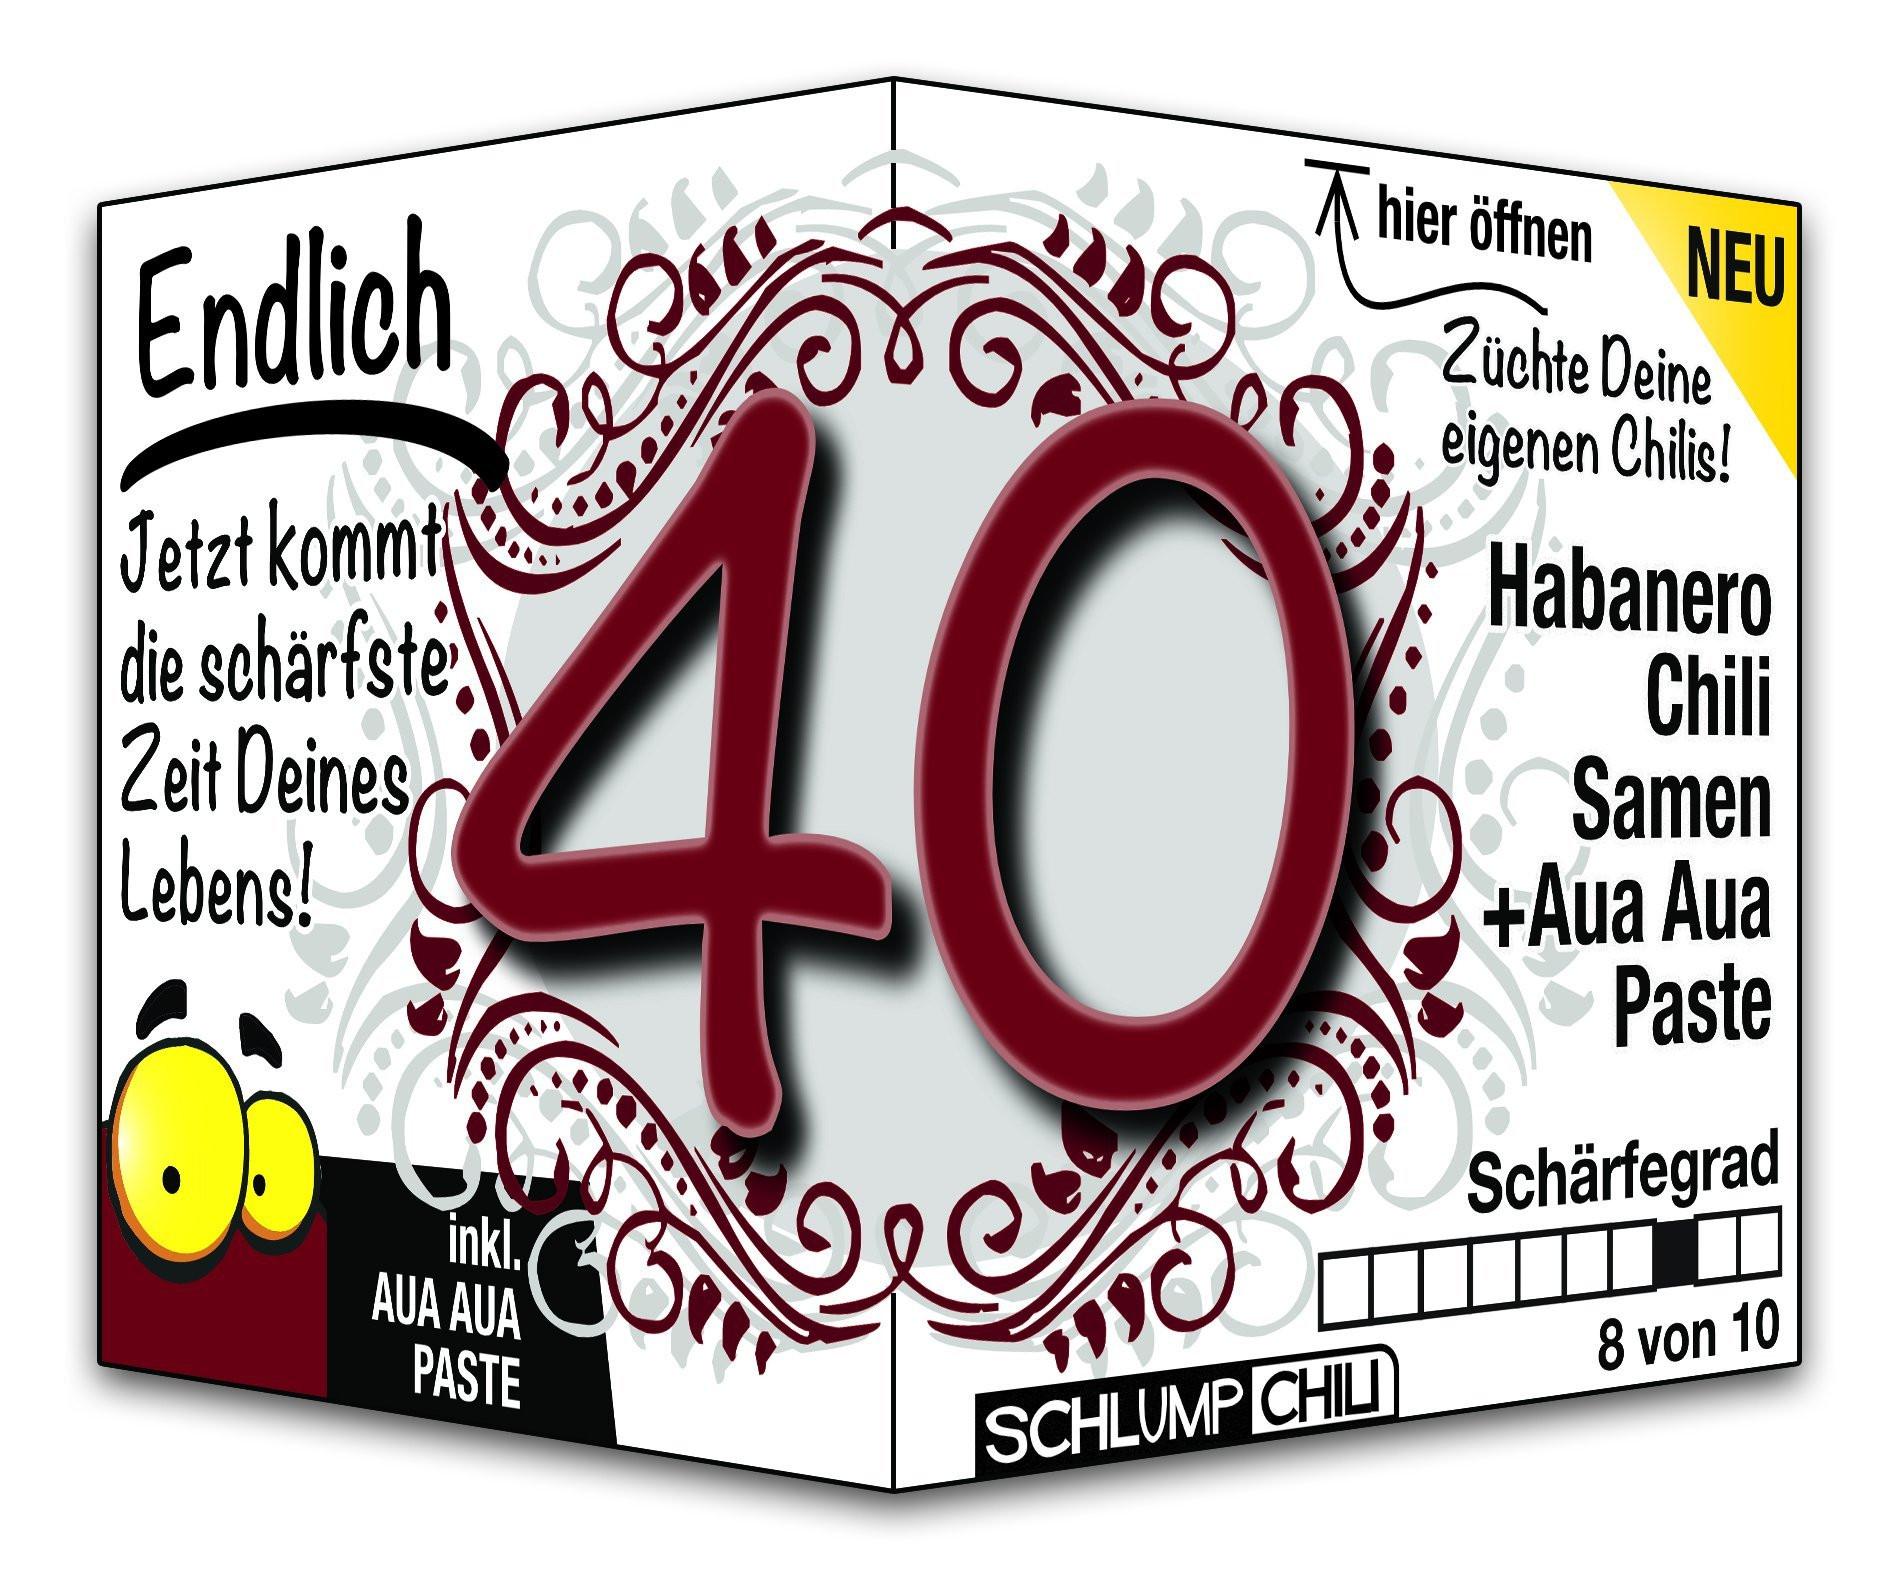 Geburtstagswünsche Zum 40 Geburtstag Mann  Geschenke zum 40 Geburtstag Mann Amazon